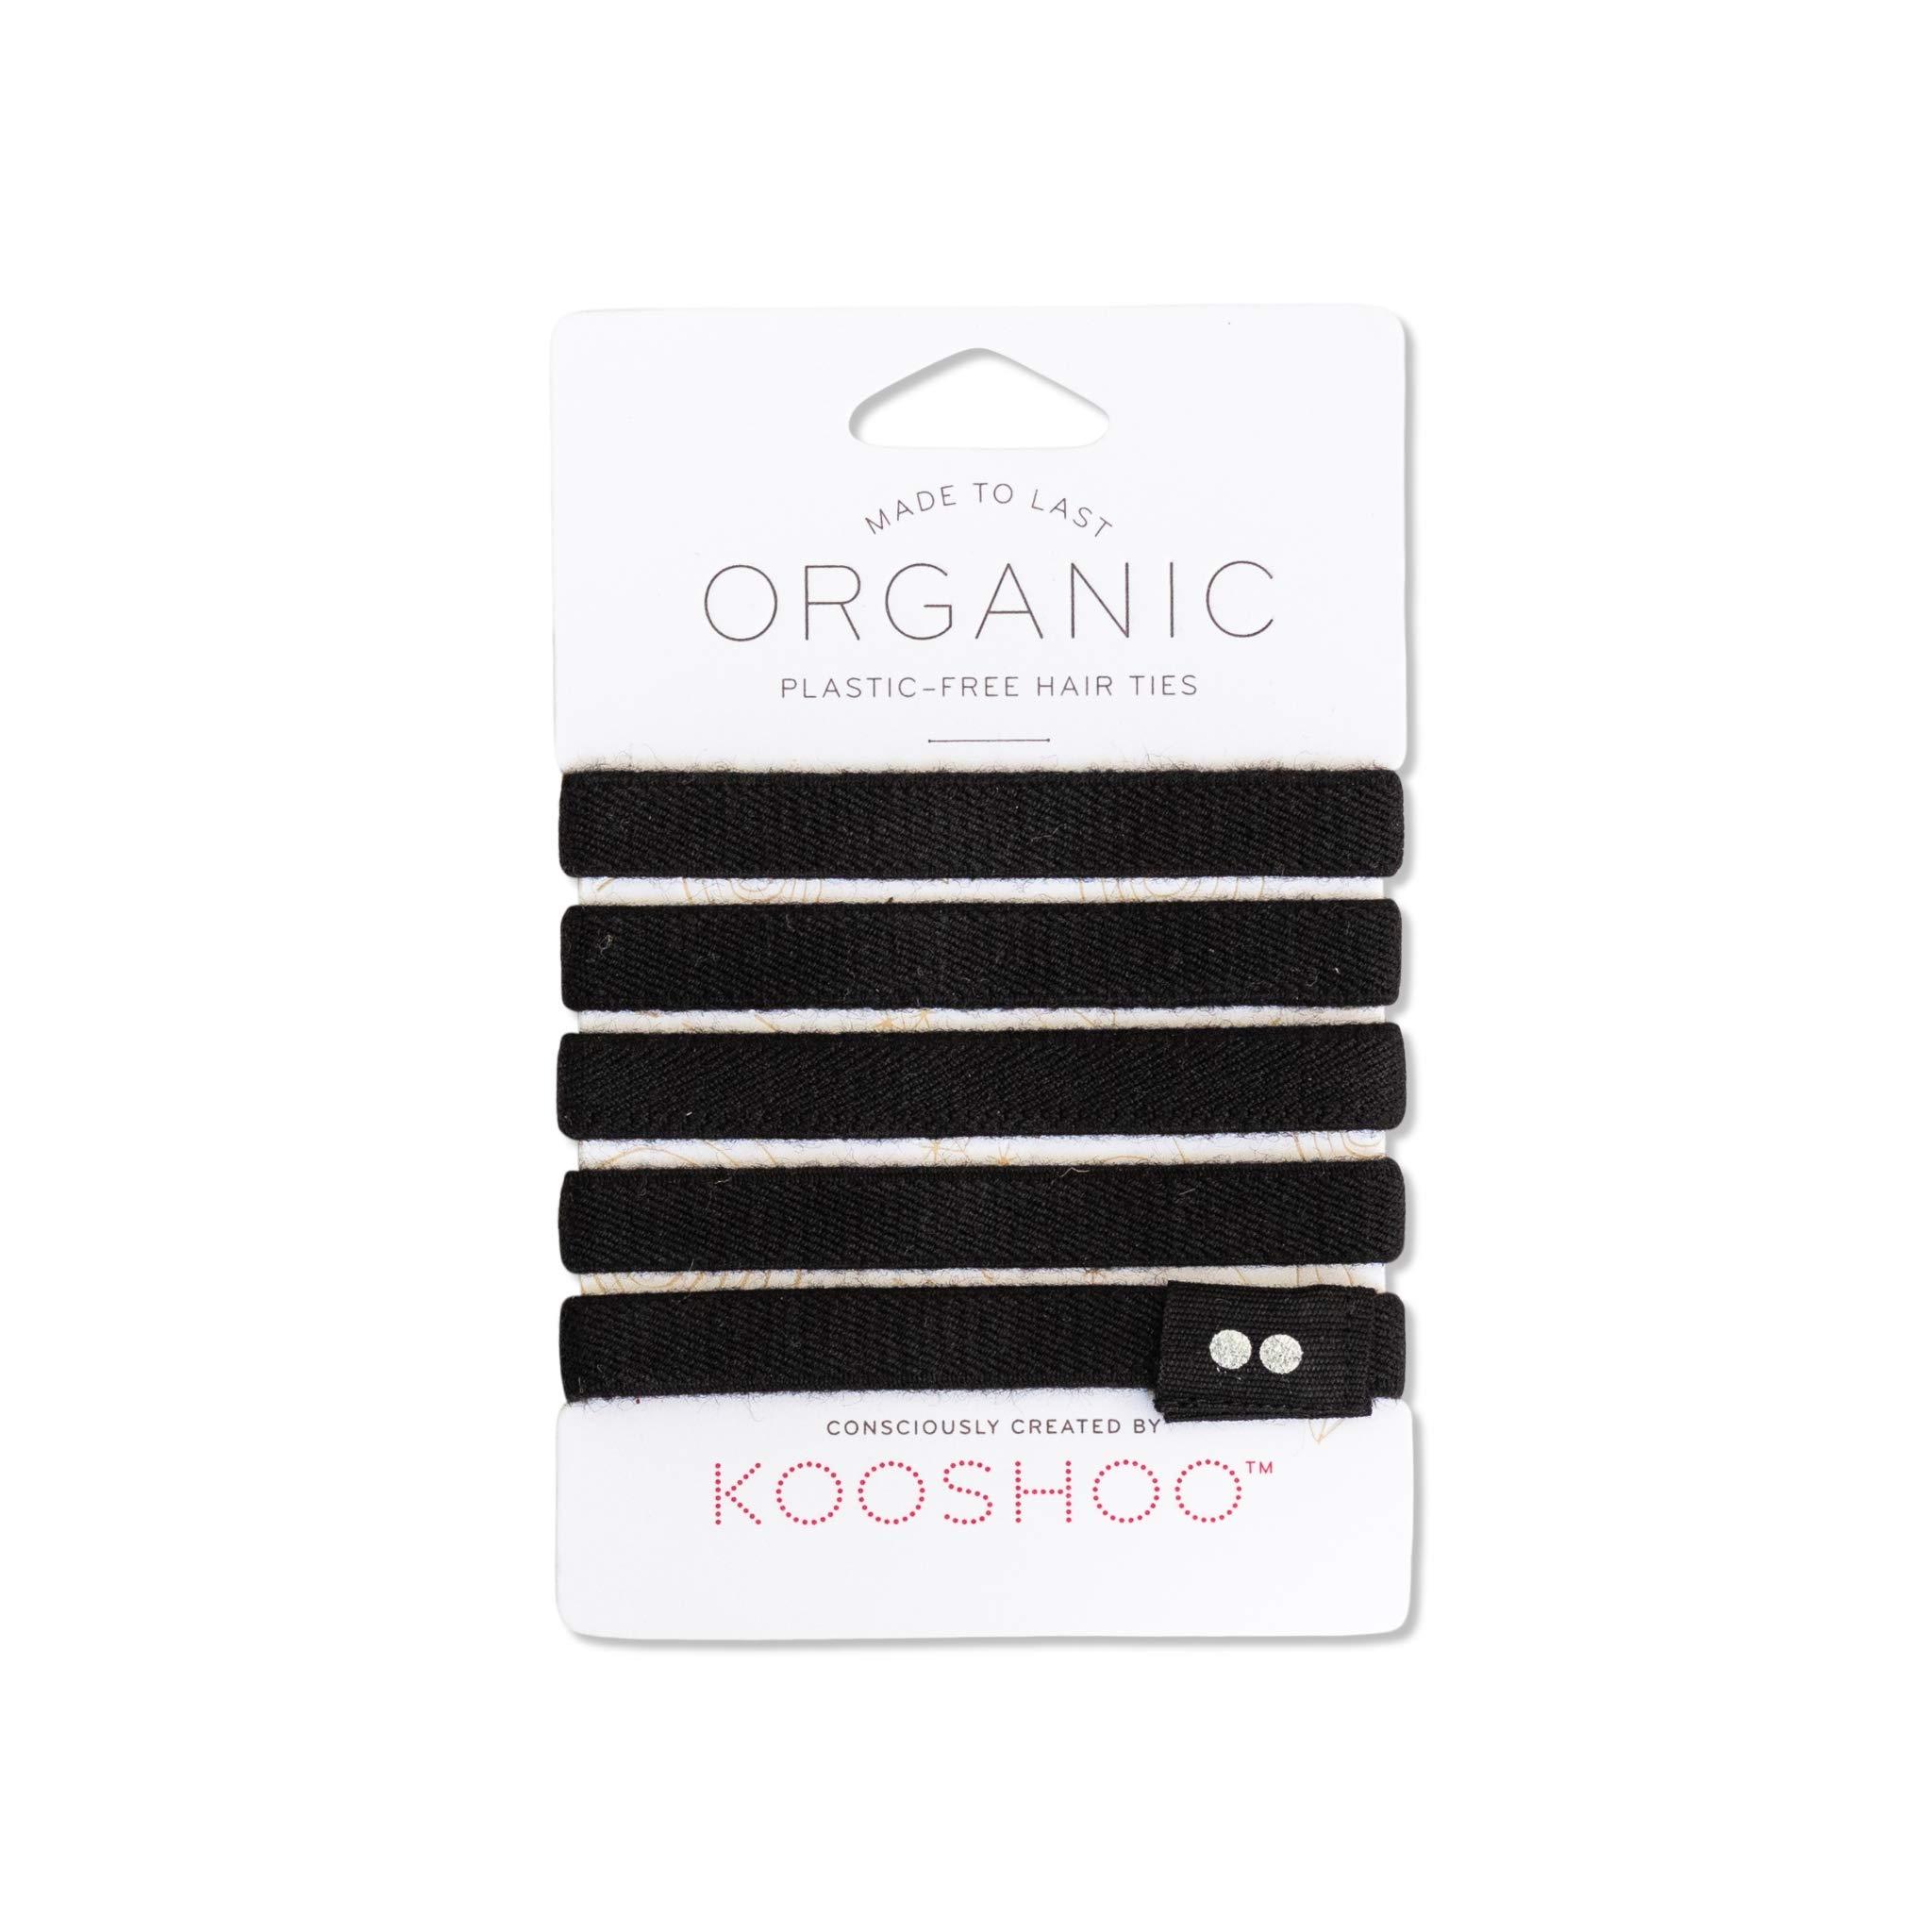 BIODEGRADABLE HAIR TIES in Black by KOOSHOO | Plastic-Free, Certified Organic Cotton Hair Elastics (5 Pack)